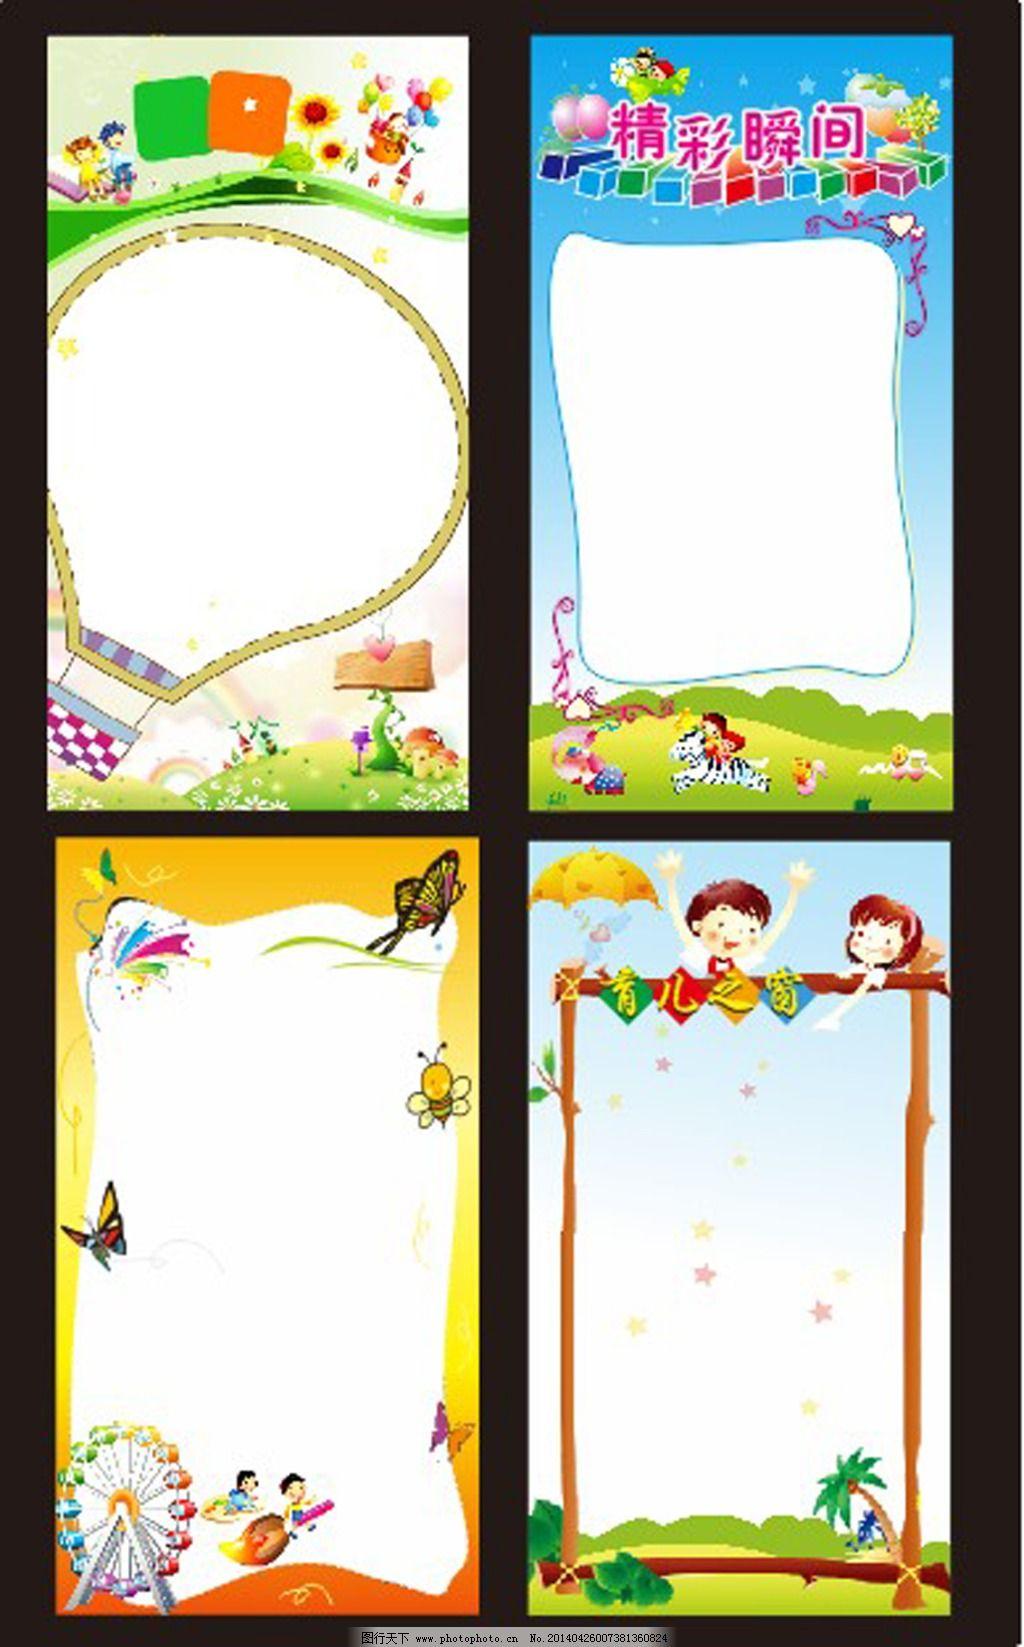 展板免费下载 学校展板 幼儿园展板 展板 学校展板 展板 海报 幼儿园